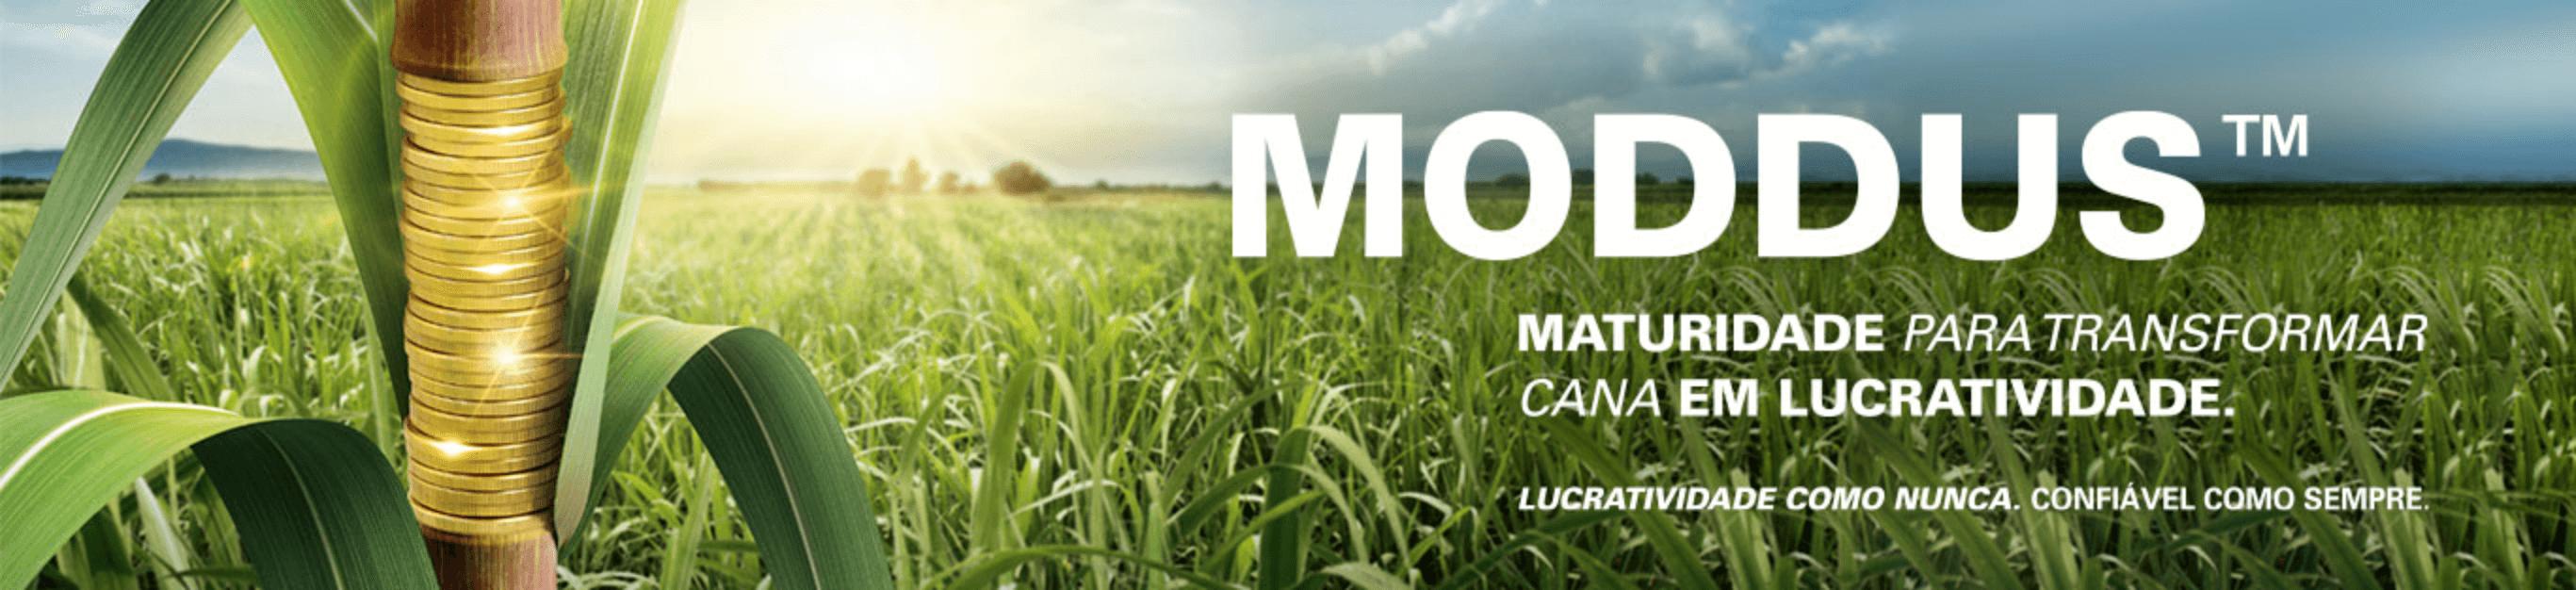 Moddus é regulador de crescimento para cana-de-açúcar